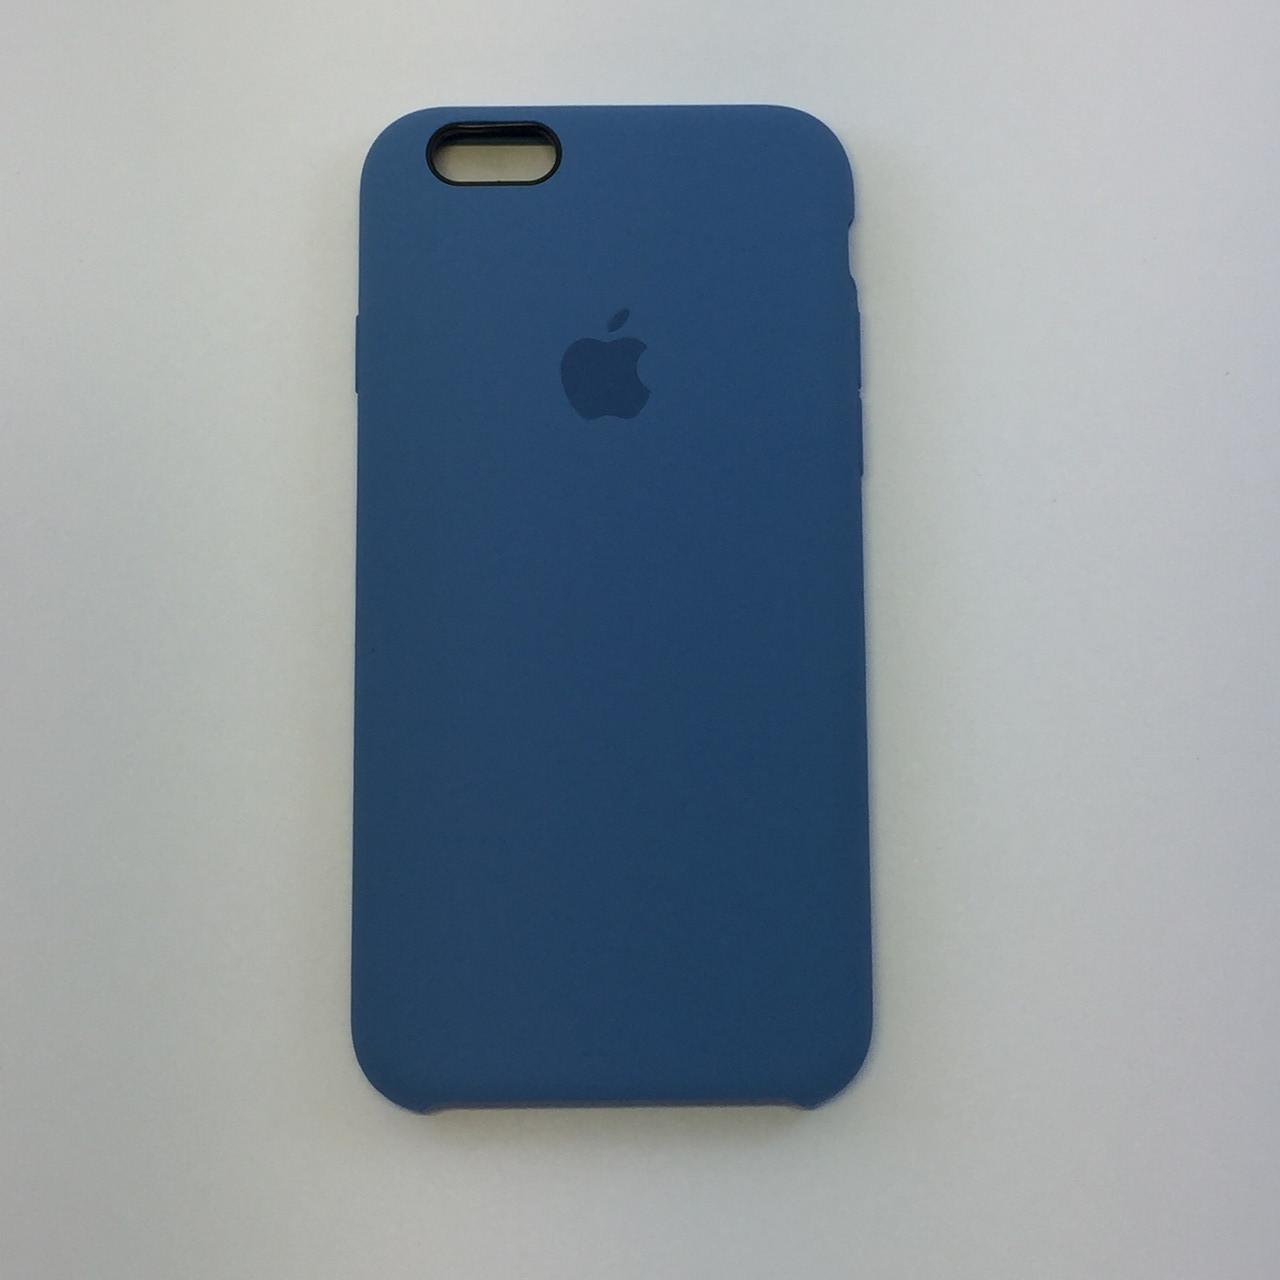 Силиконовый чехол iPhone 6/6s, лазурь, copy original